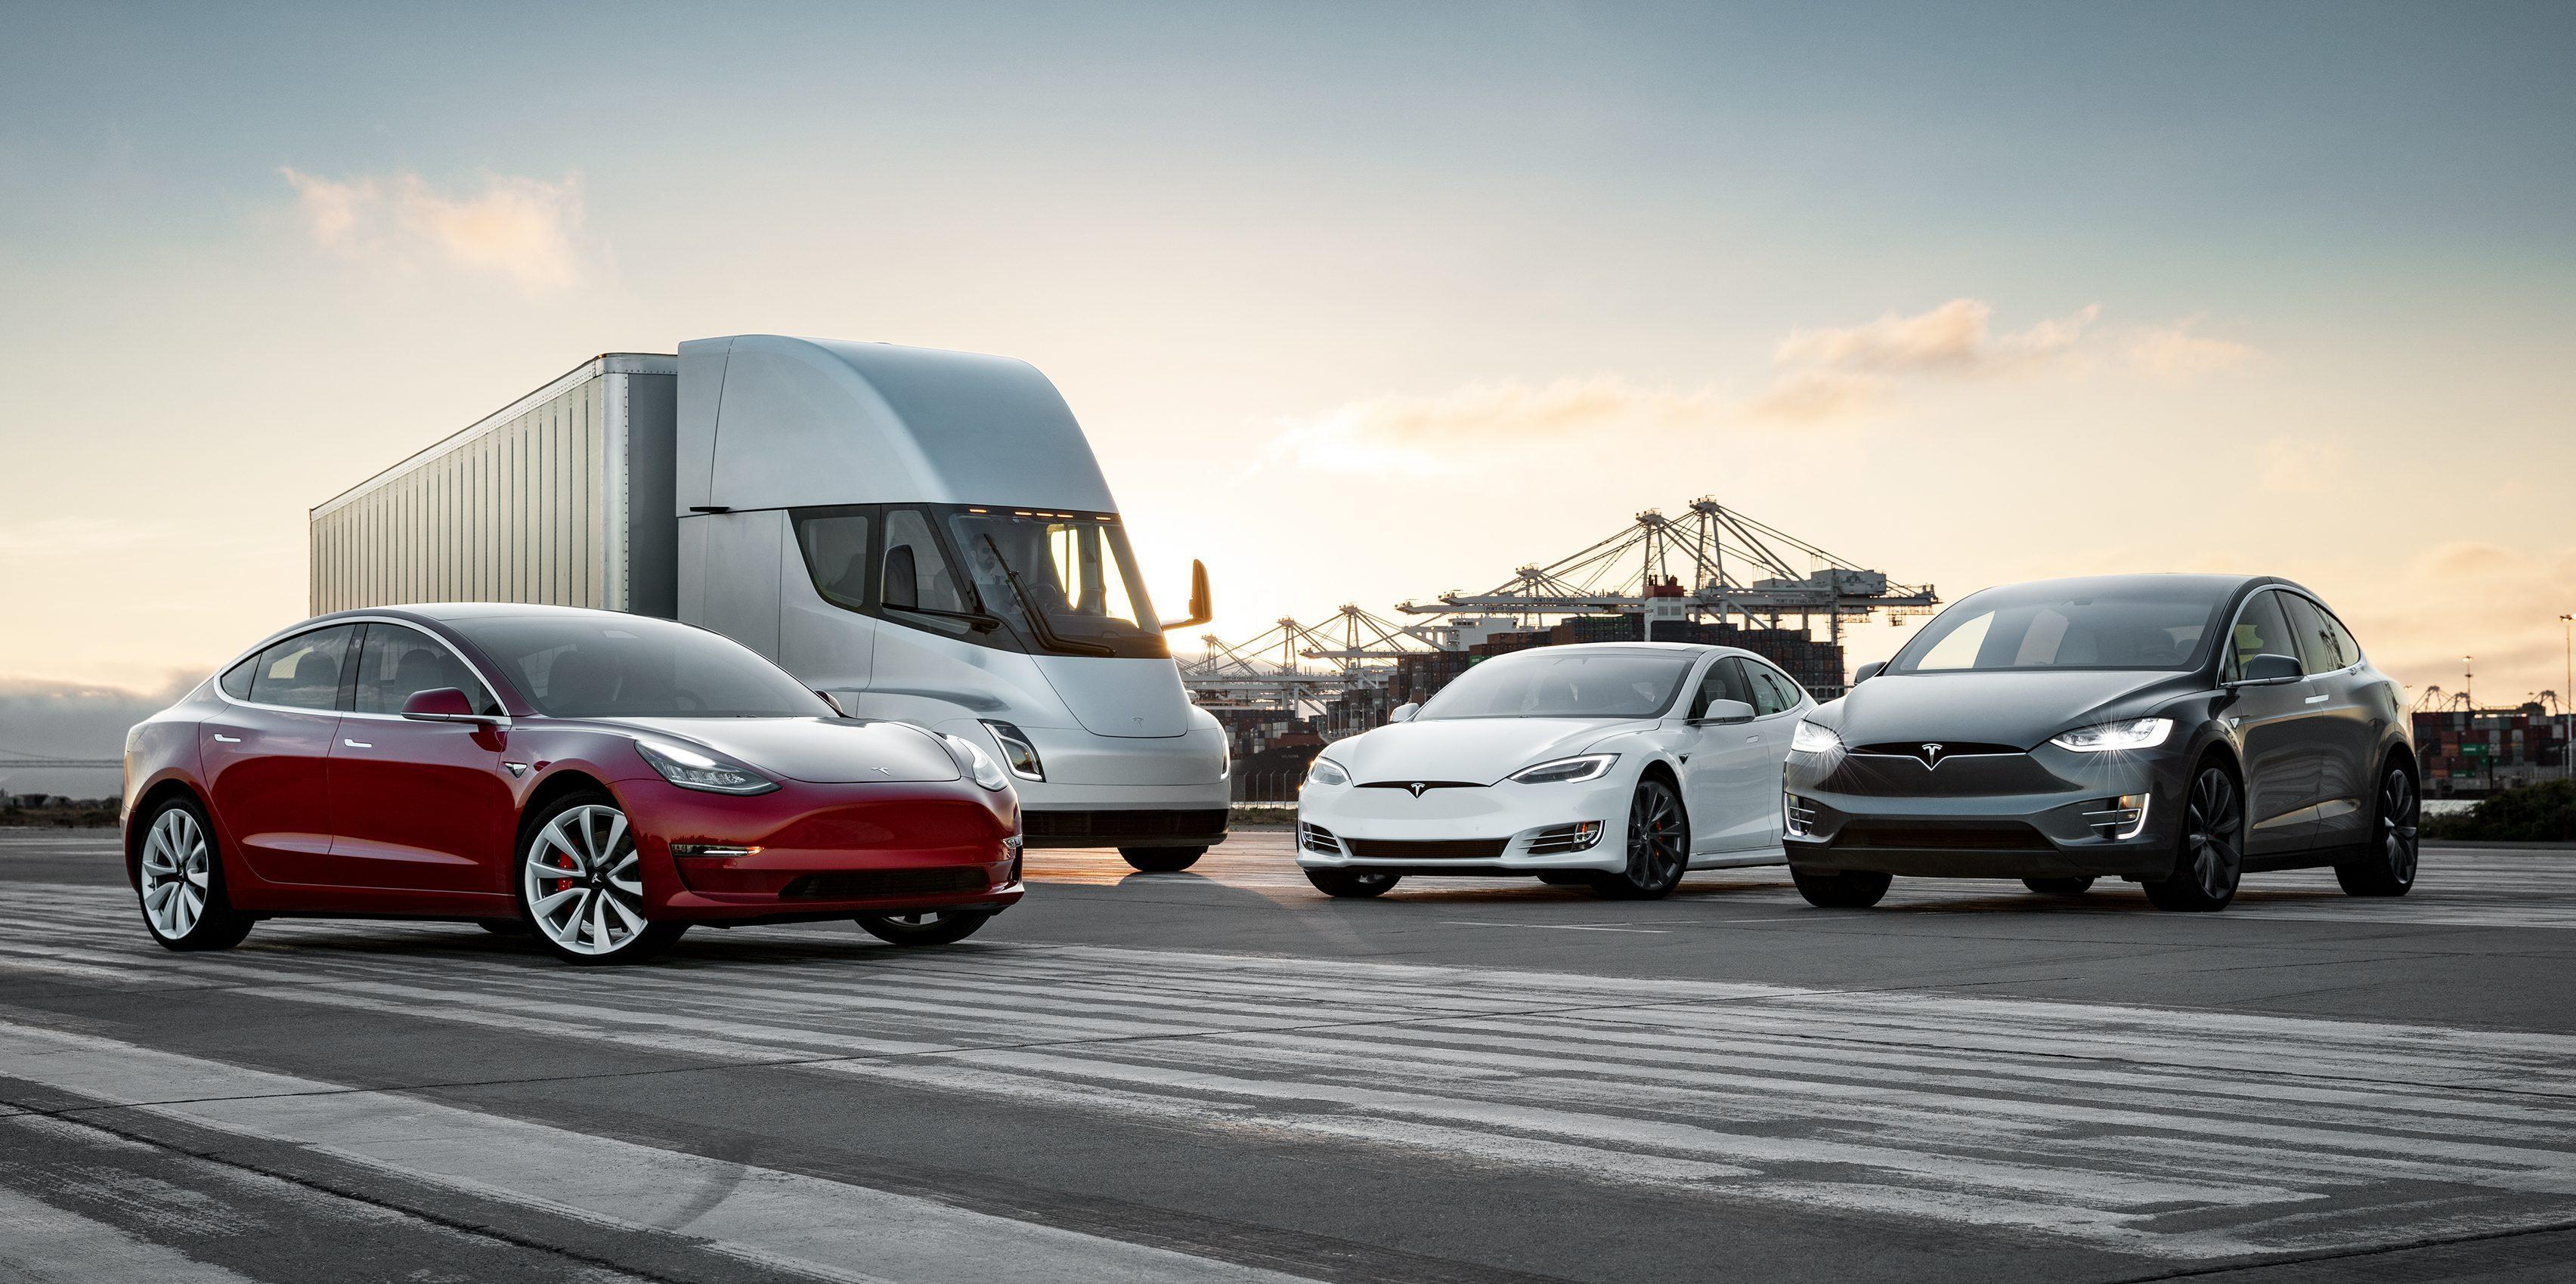 [Перевод] Чего ожидать от компании Tesla в 2019-м году: Model Y, обновление Model S/X и многое другое